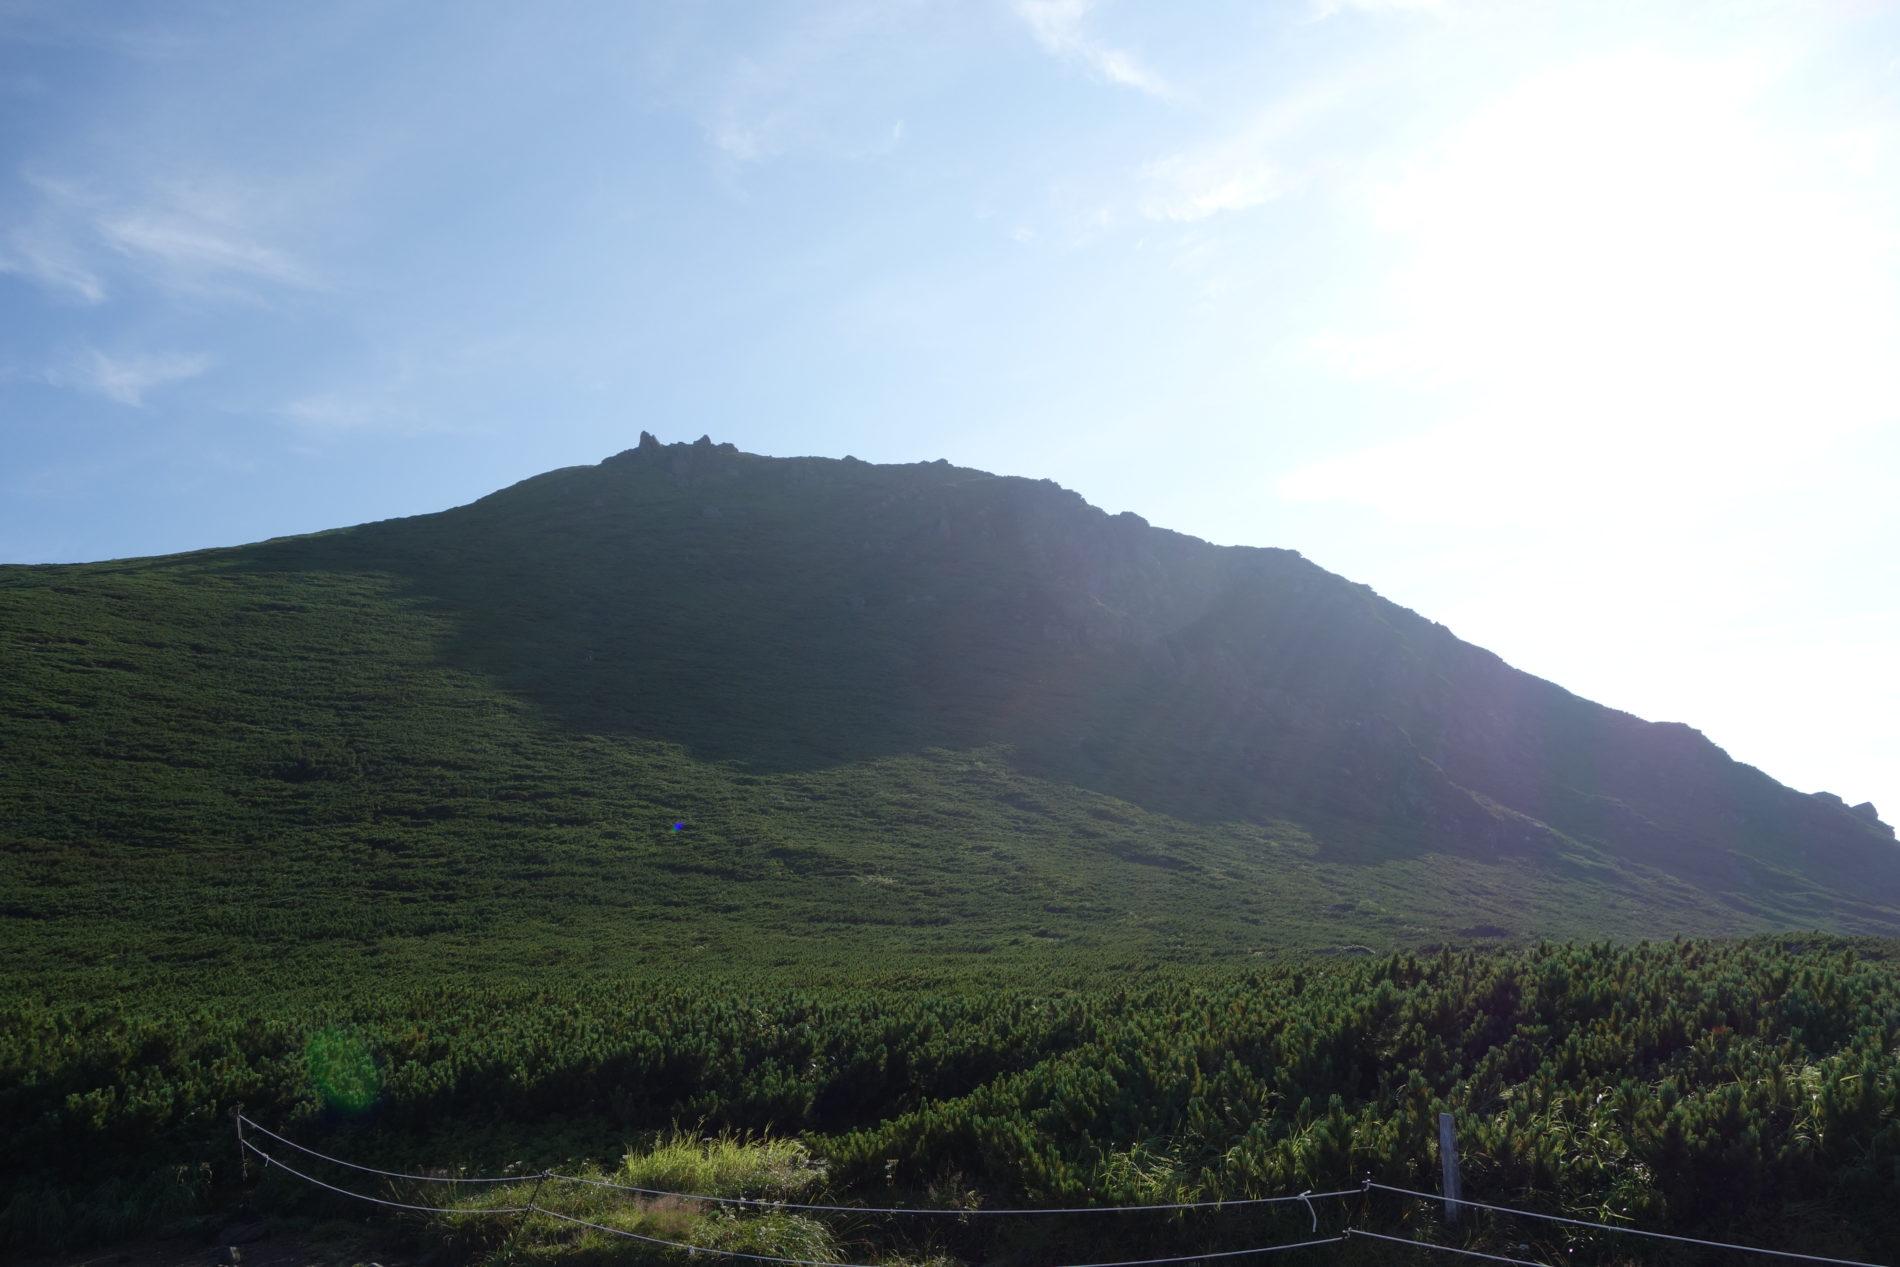 羅臼岳 羅臼平〜山頂